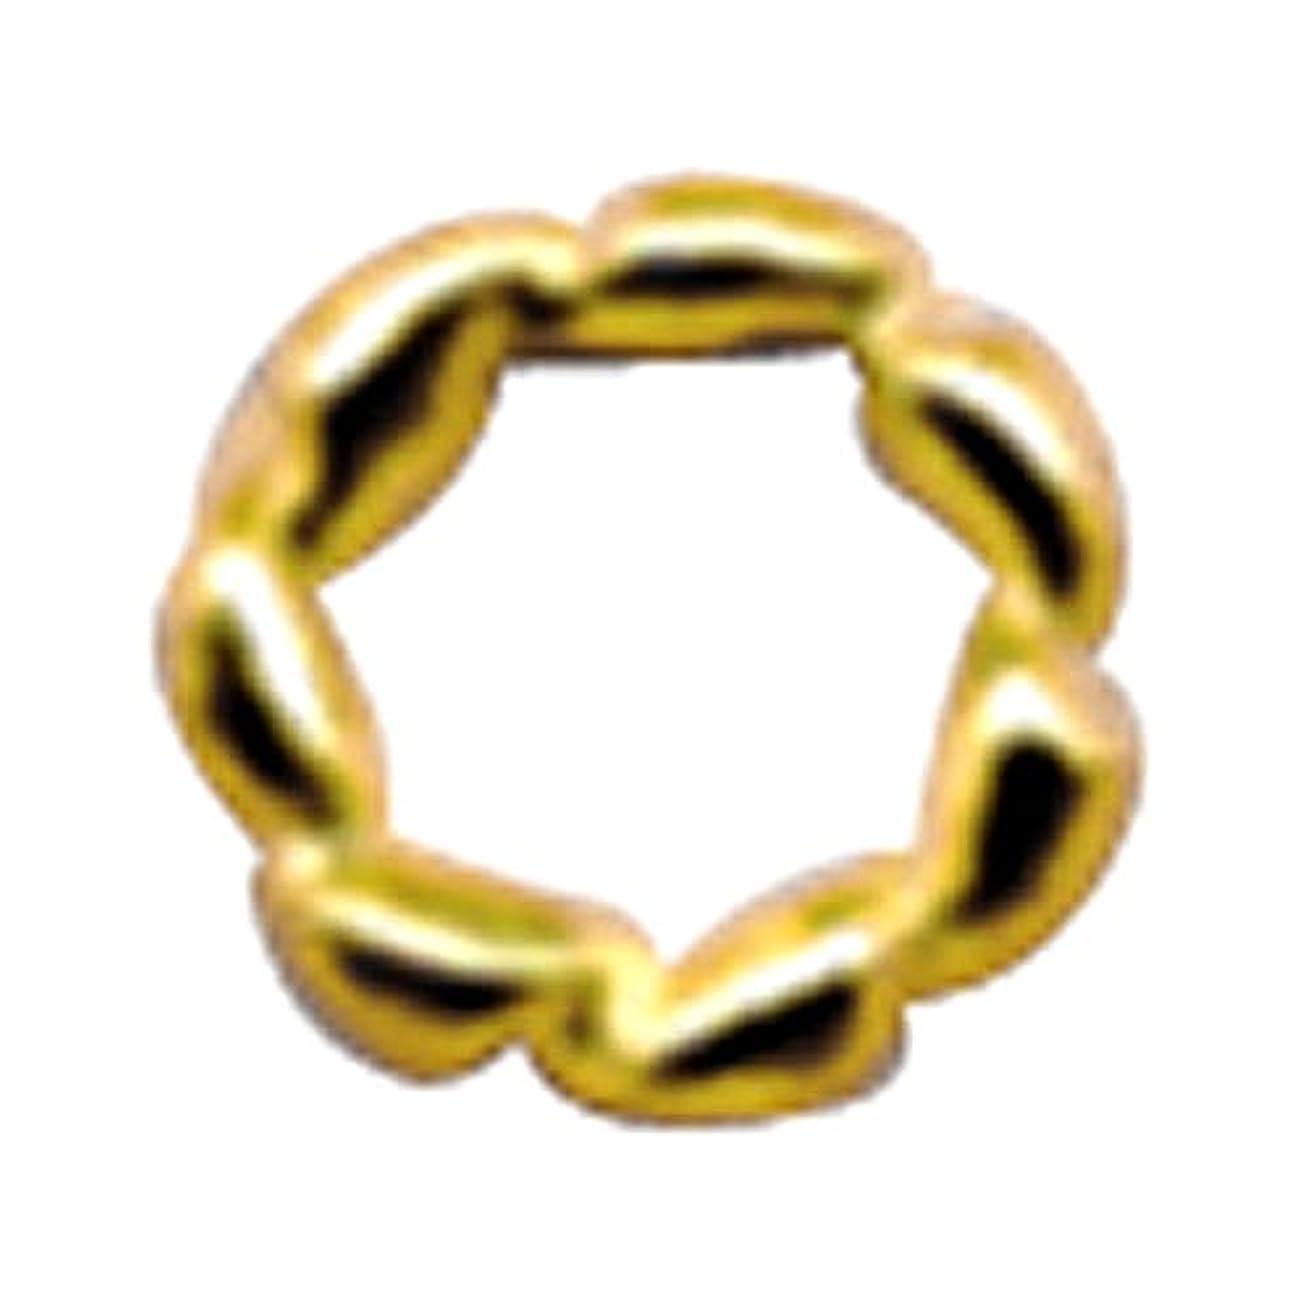 デコードするサスペンション実際プリティーネイル ネイルアートパーツ ツイストリングL ゴールド 10個